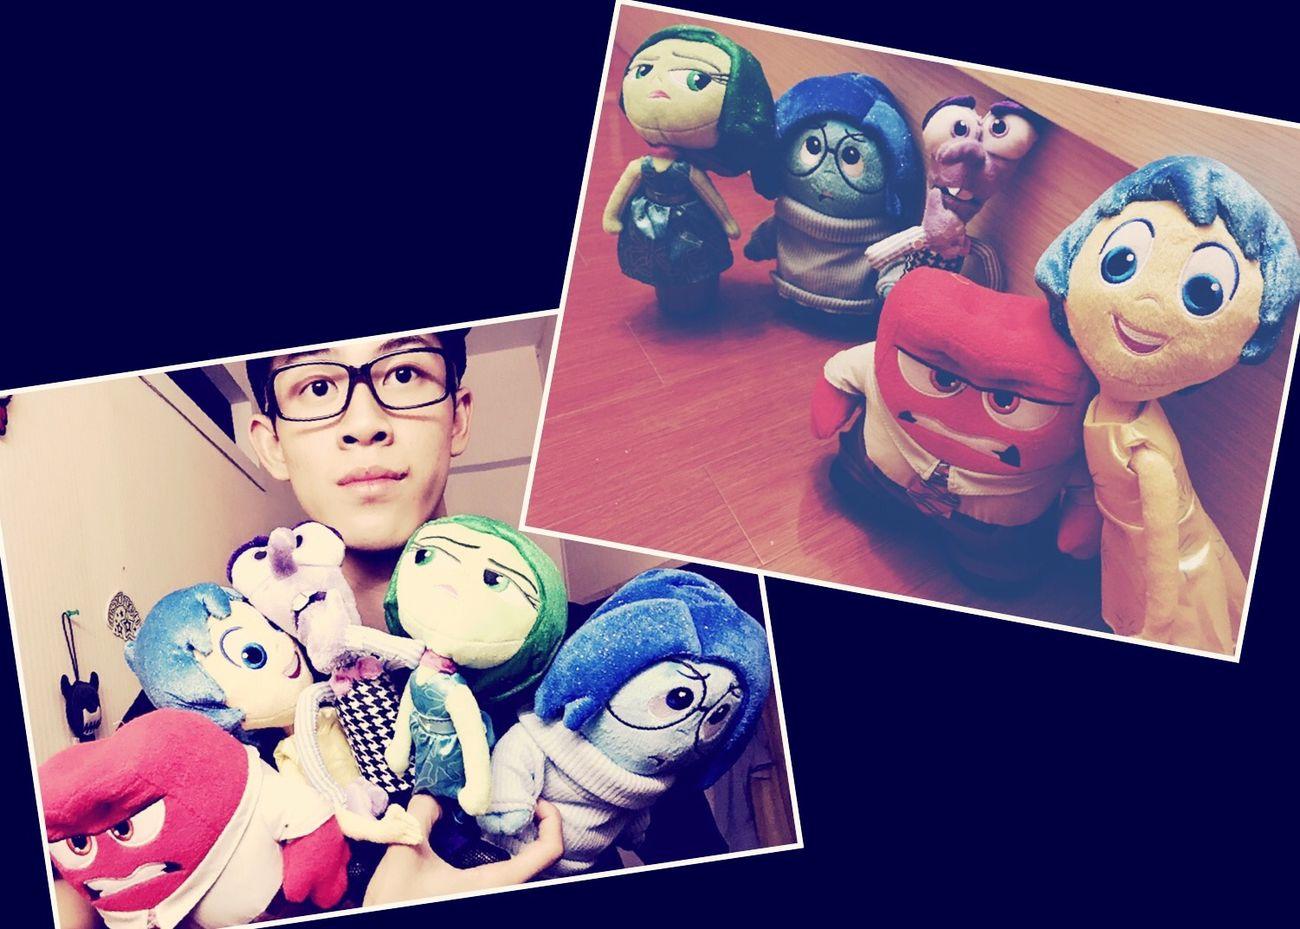 介紹下我呢身邊的5位朋友仔! Anger Fear Disgust Sadness Joy !! that is a Originality movies~ Disney Pixar  Toy Photography EyeEm Best Shots Taking Photos